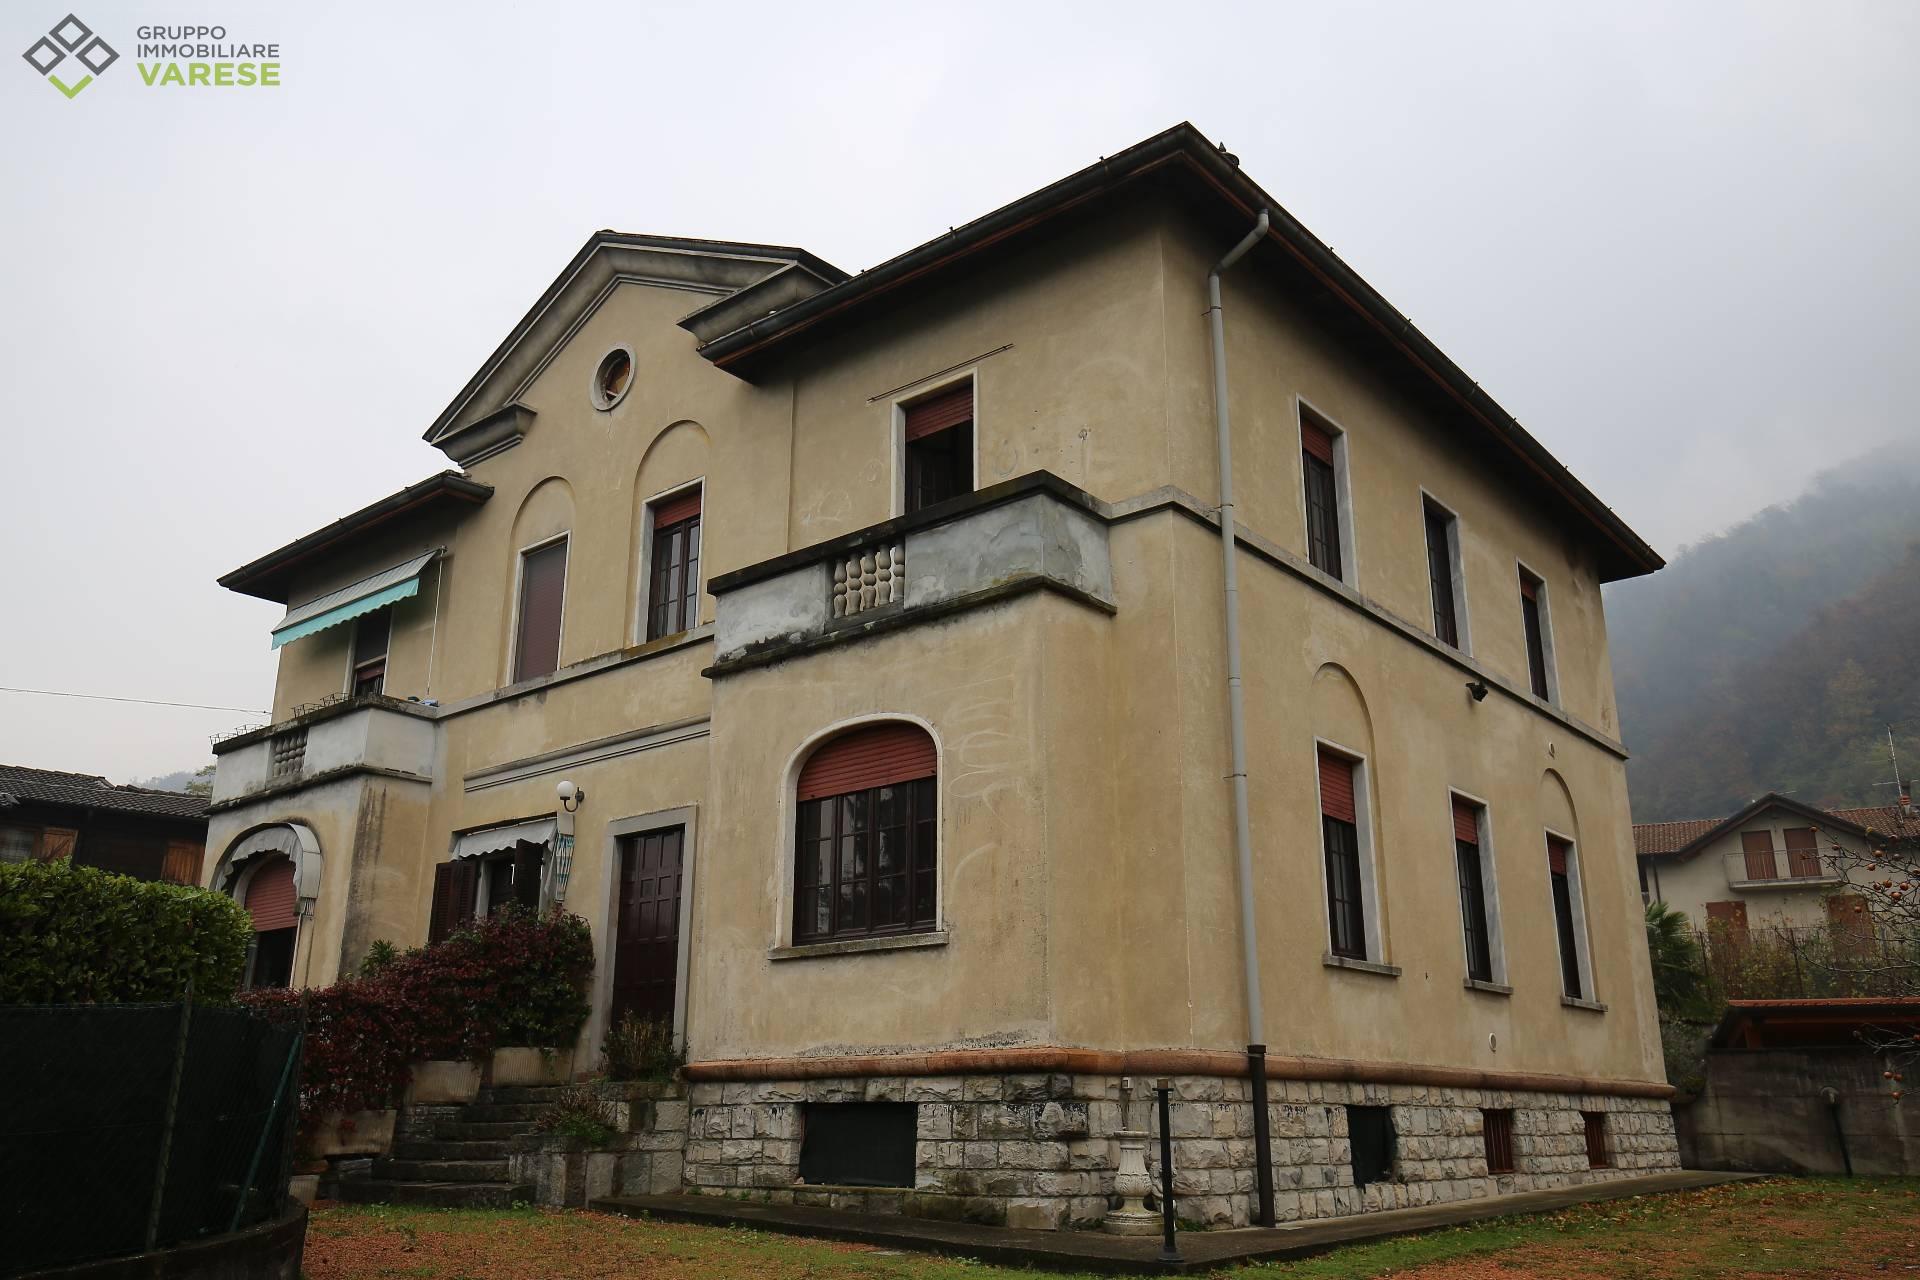 Villa in vendita a Porto Ceresio, 5 locali, prezzo € 400.000 | CambioCasa.it